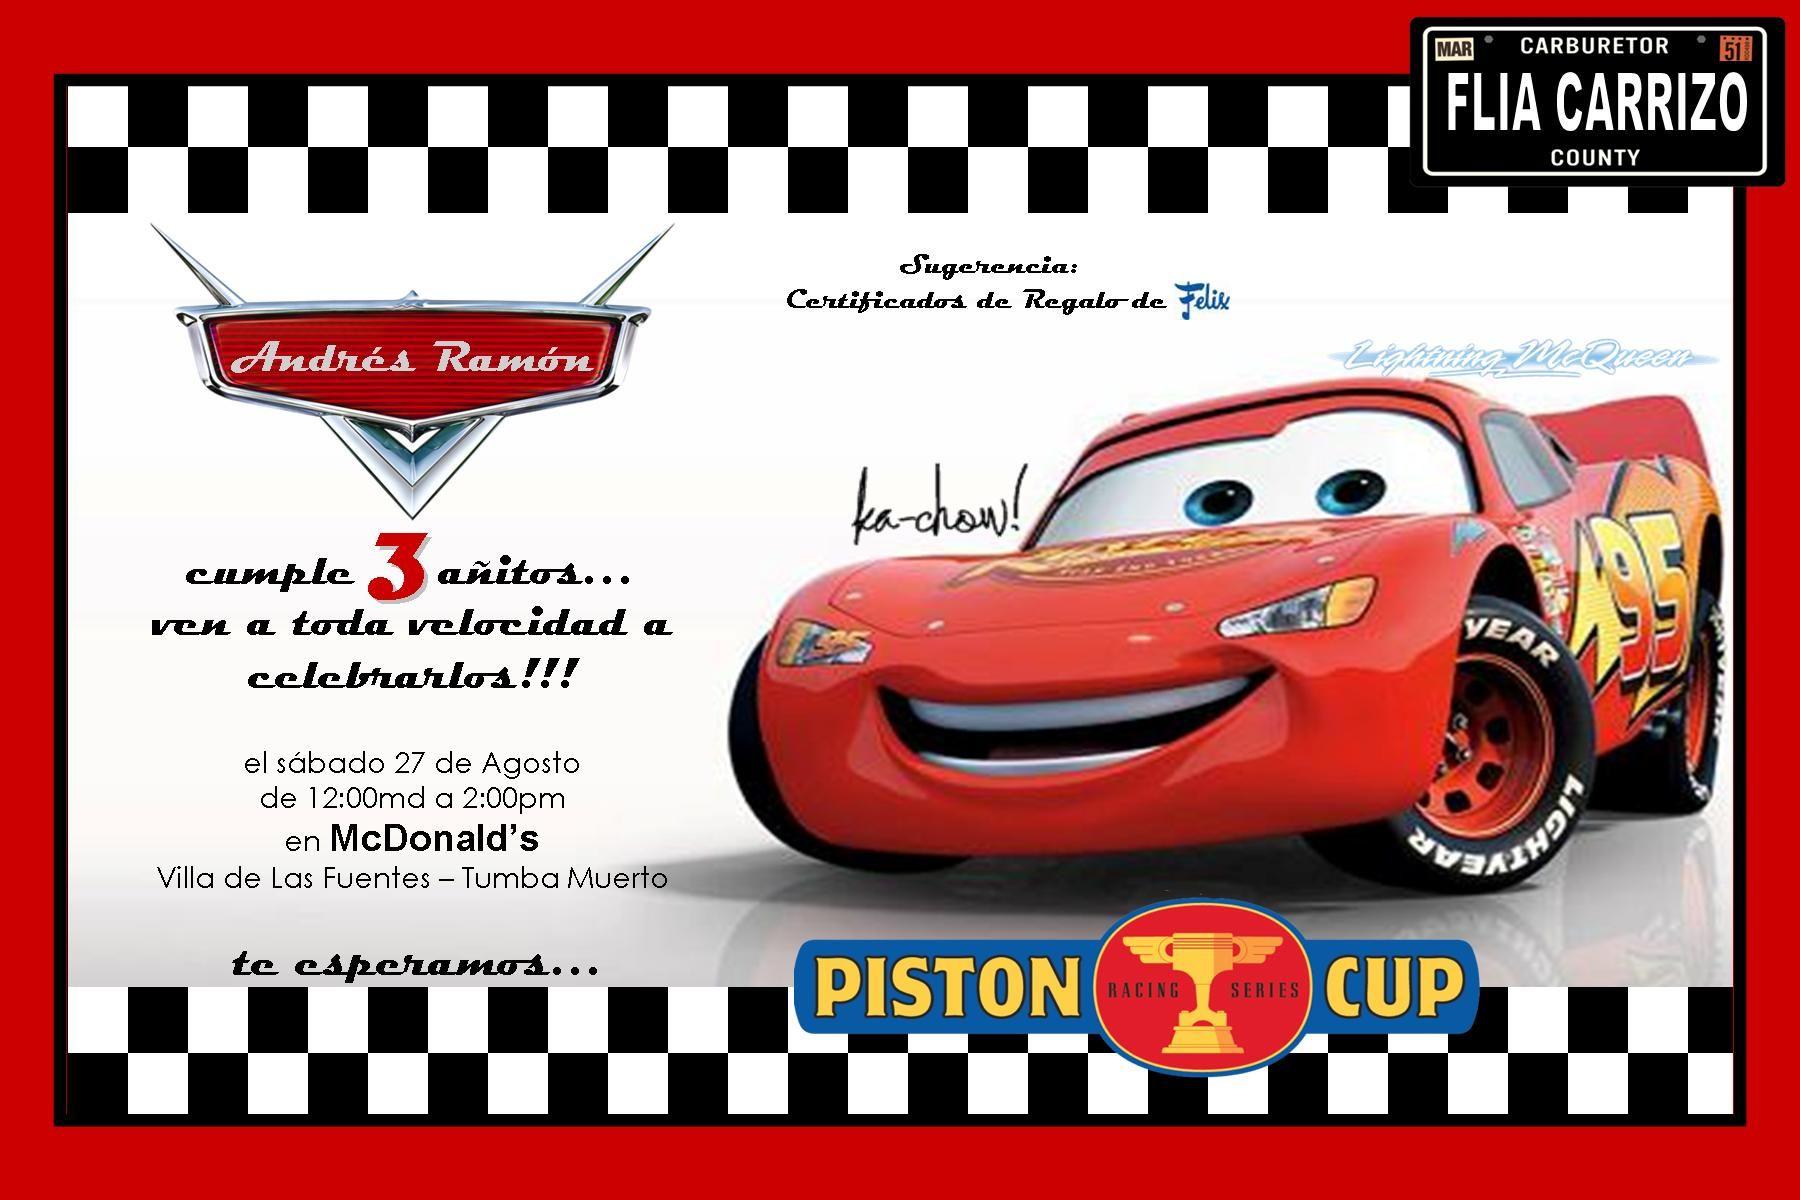 Invitaciones De Cumpleaños De Cars En Hd Gratis Para Descargar 4 en HD Gratis Fiesta the cars